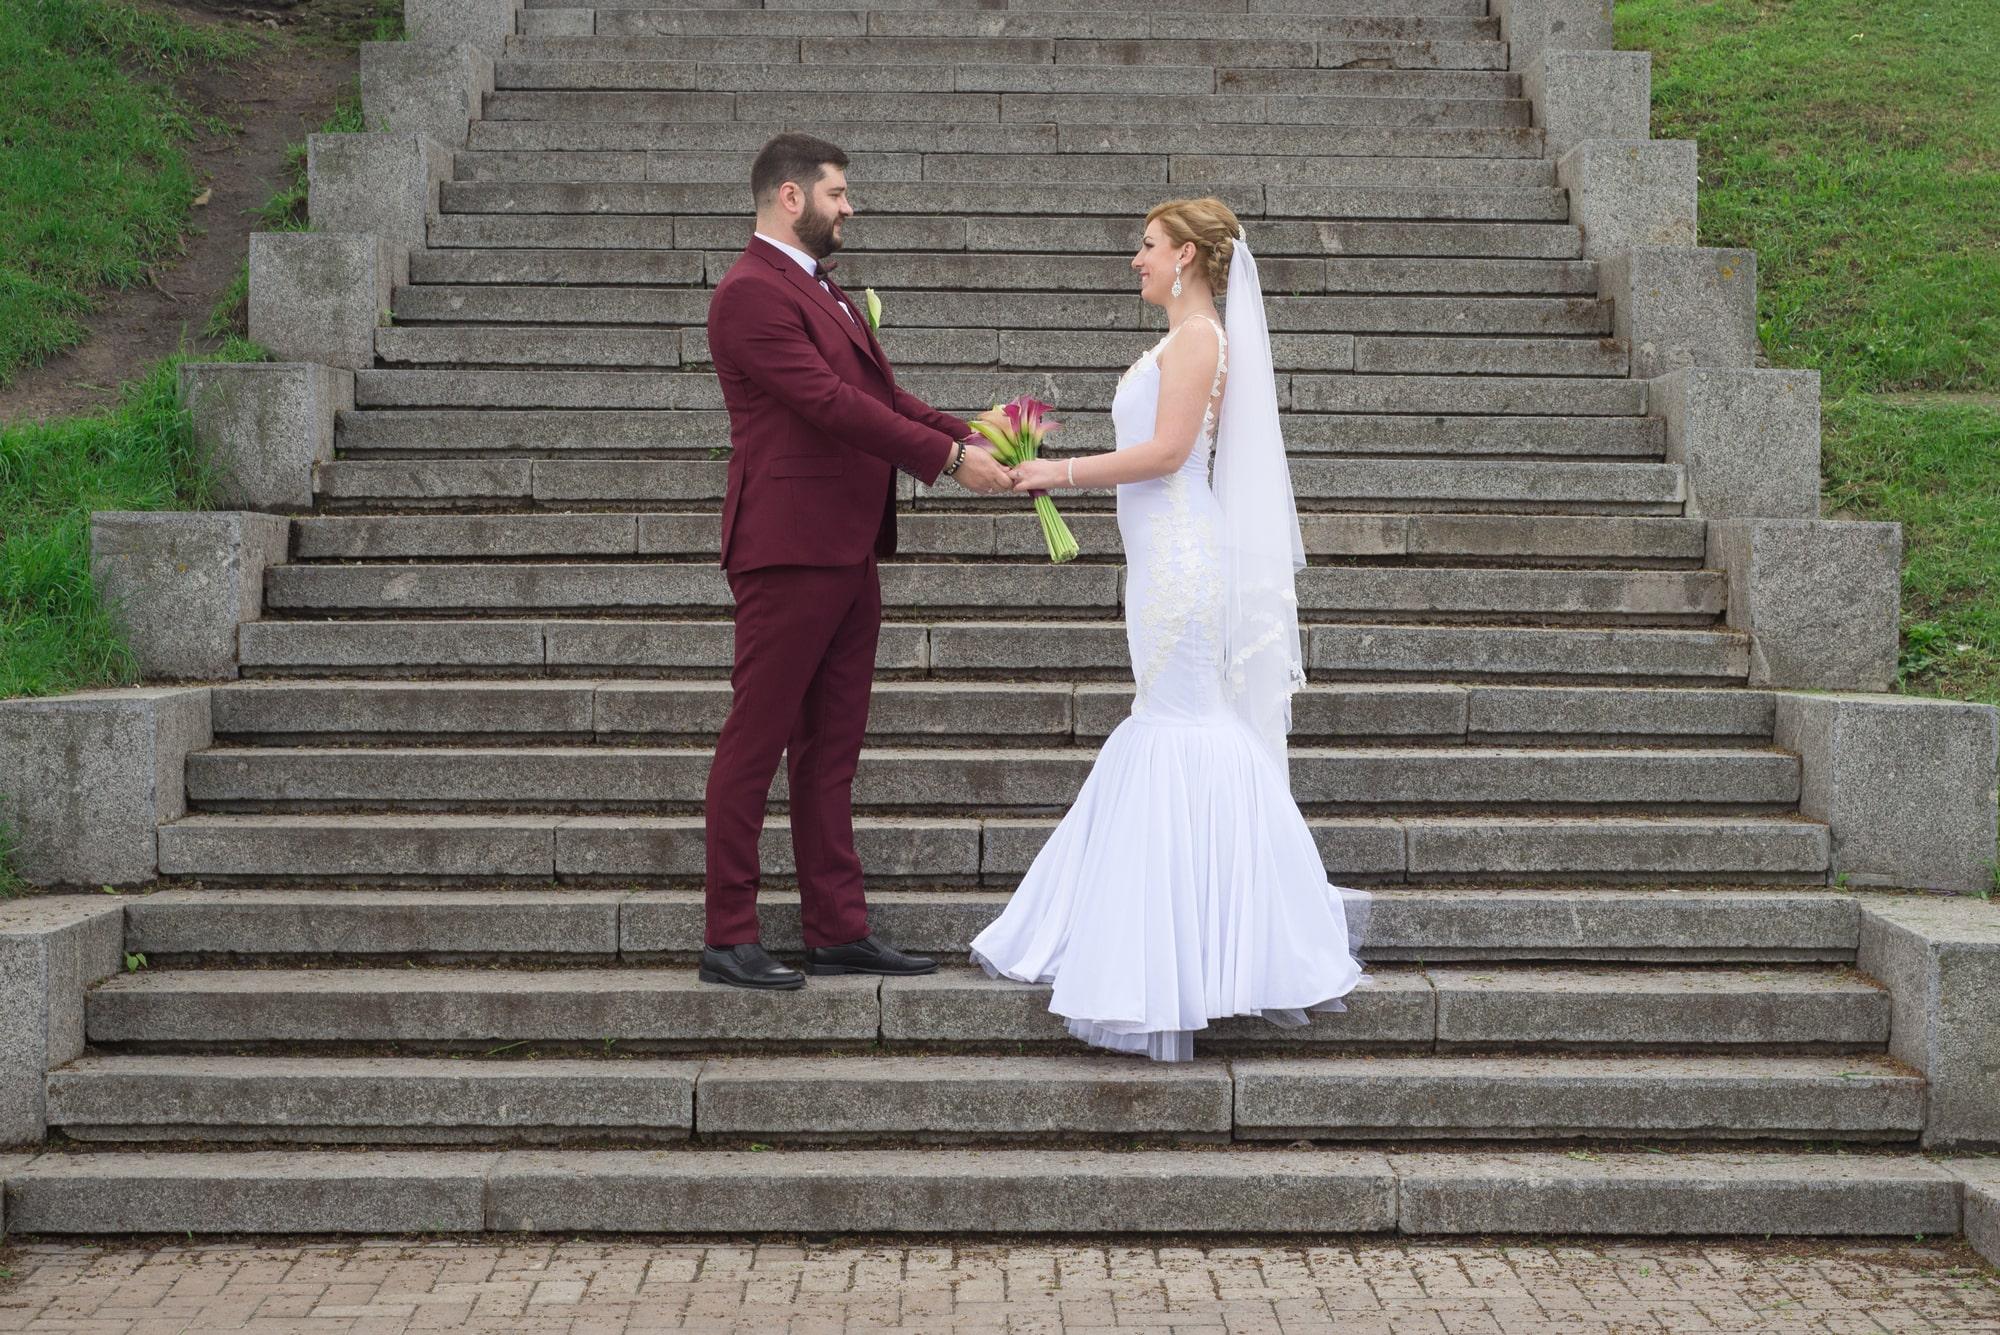 Двое позируют на ступеньках - Фотограф Женя Лайт